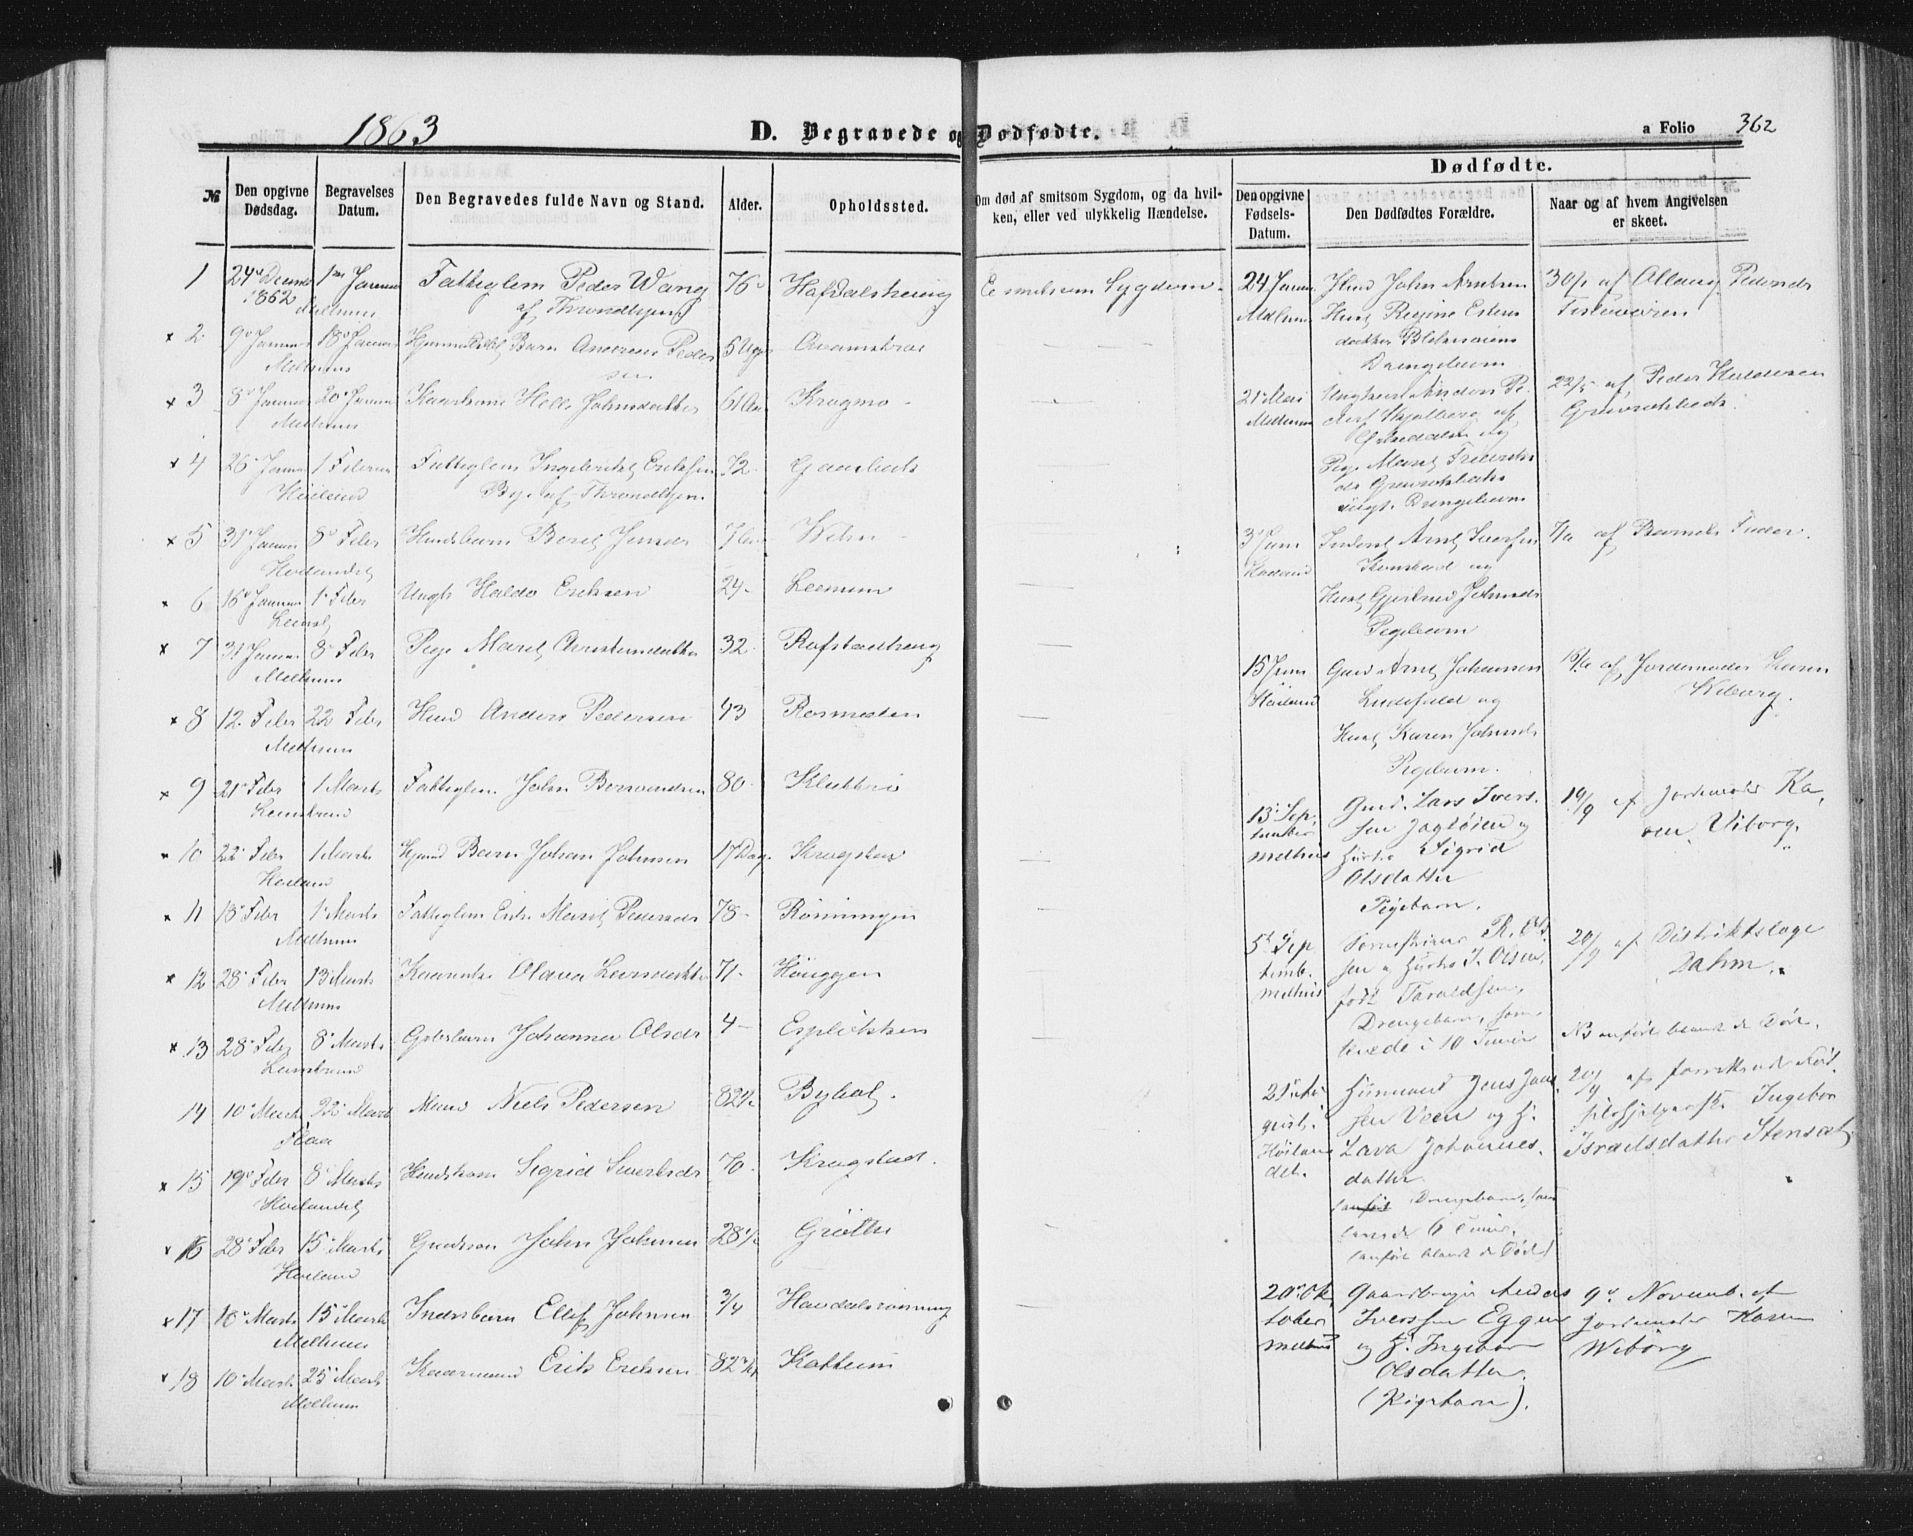 SAT, Ministerialprotokoller, klokkerbøker og fødselsregistre - Sør-Trøndelag, 691/L1077: Ministerialbok nr. 691A09, 1862-1873, s. 362